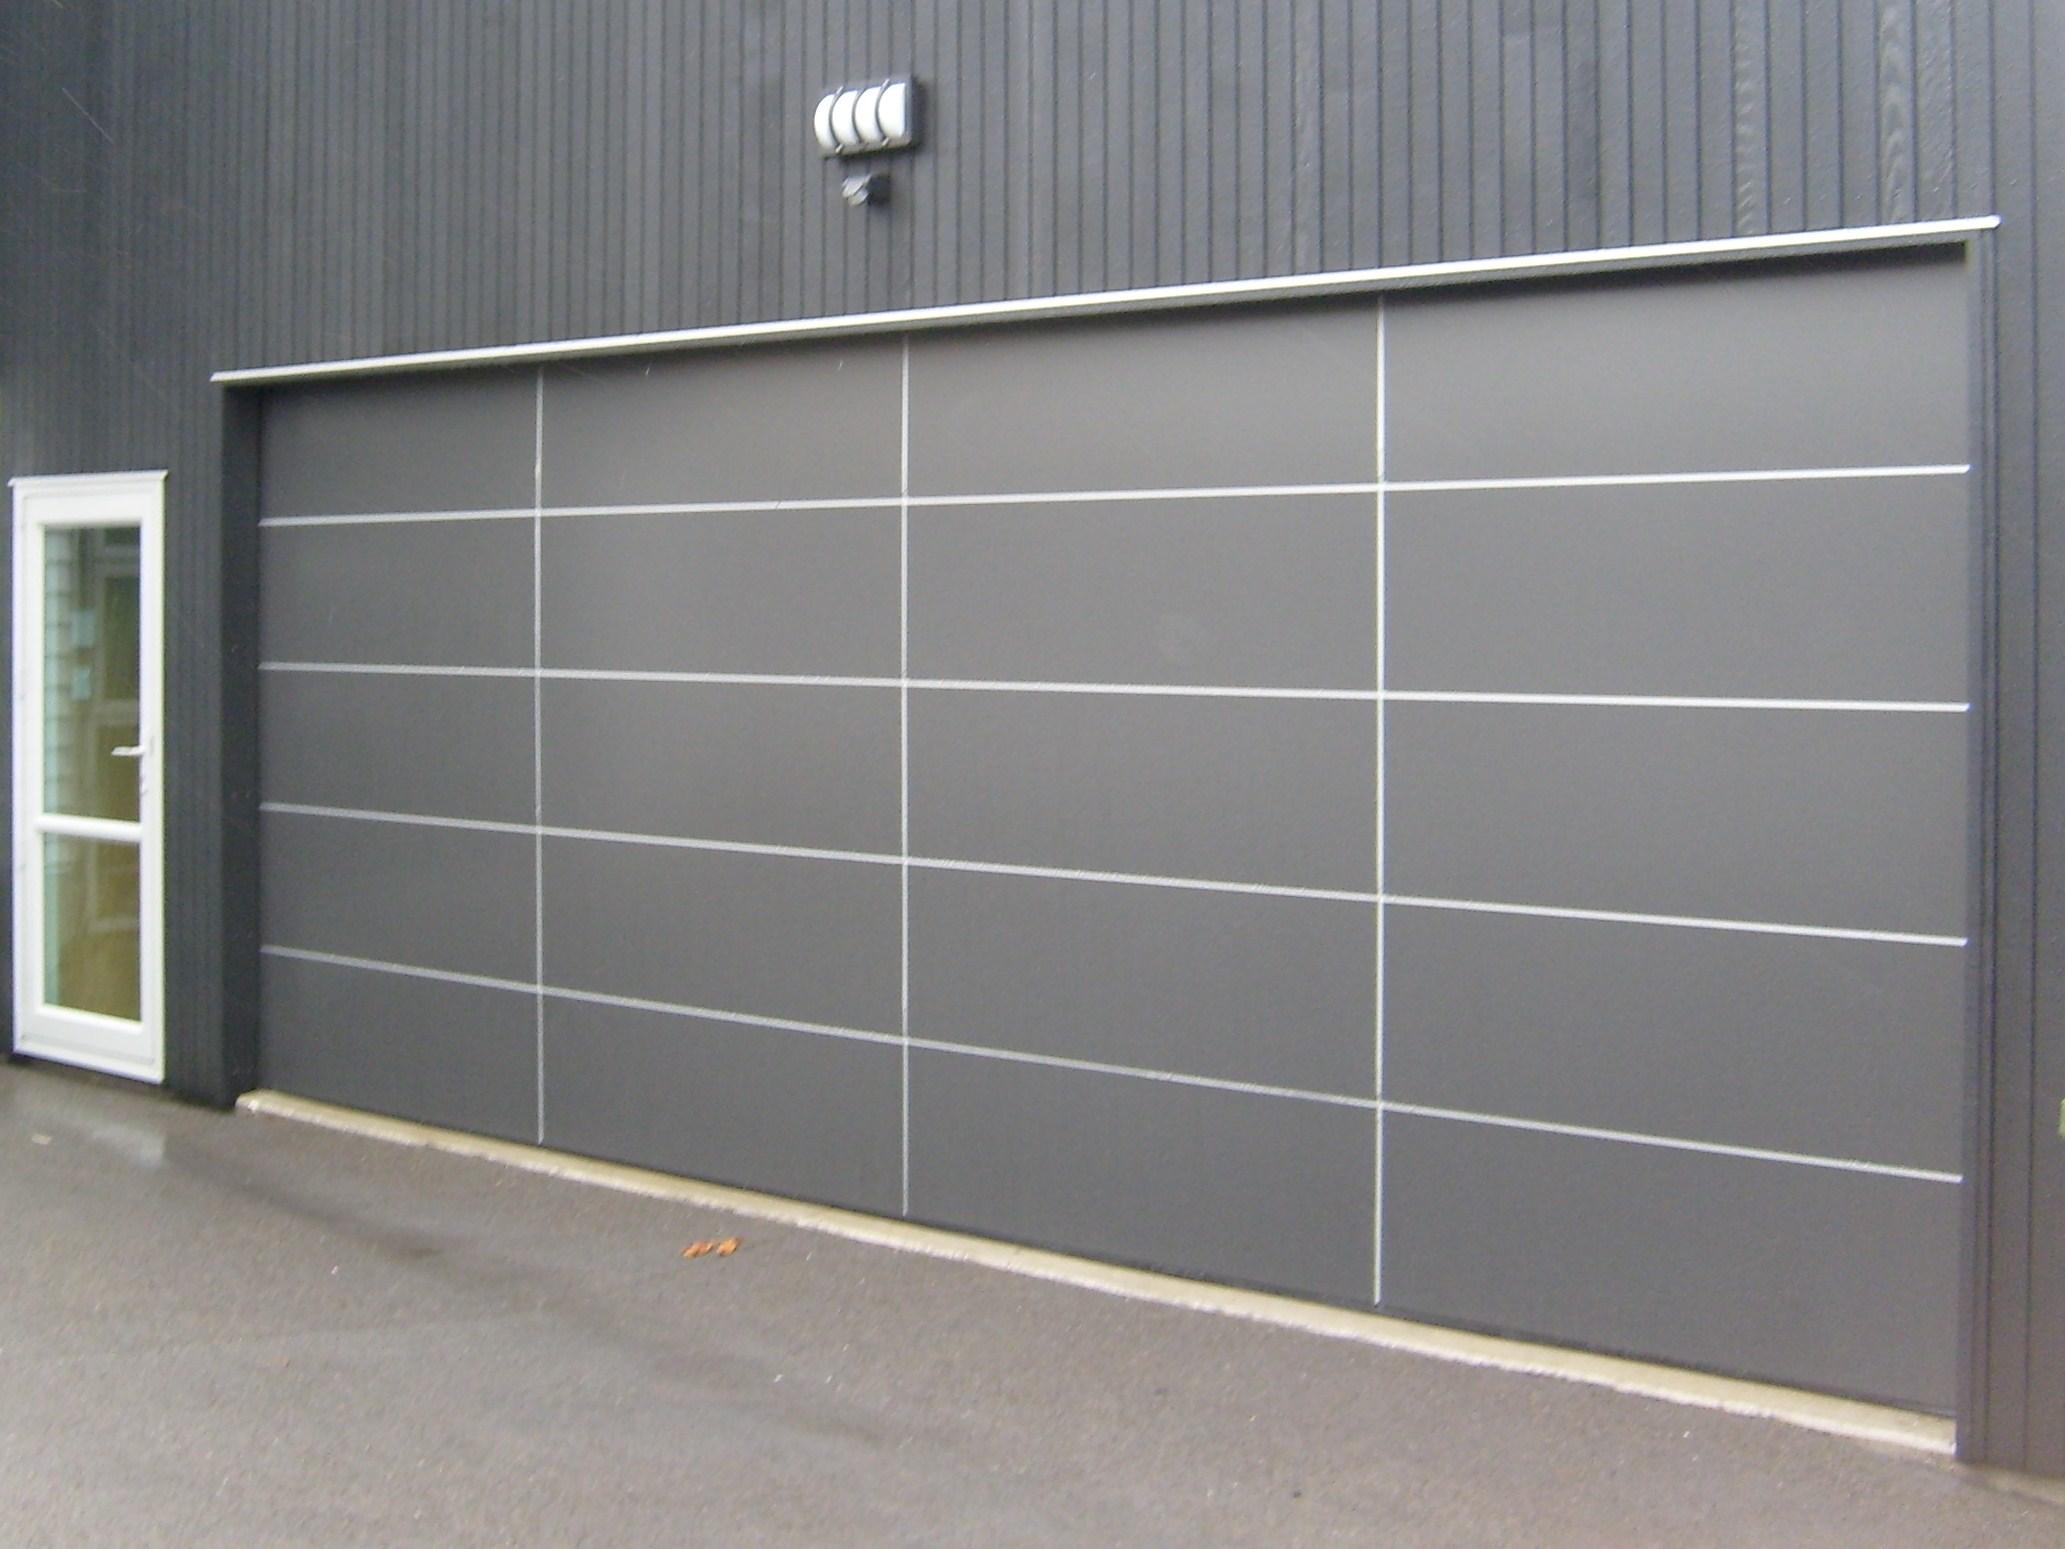 Garage doors nz garage door repairs mr door your local garage door specialists06 753 3700 eil omegadoorxtra rubansaba